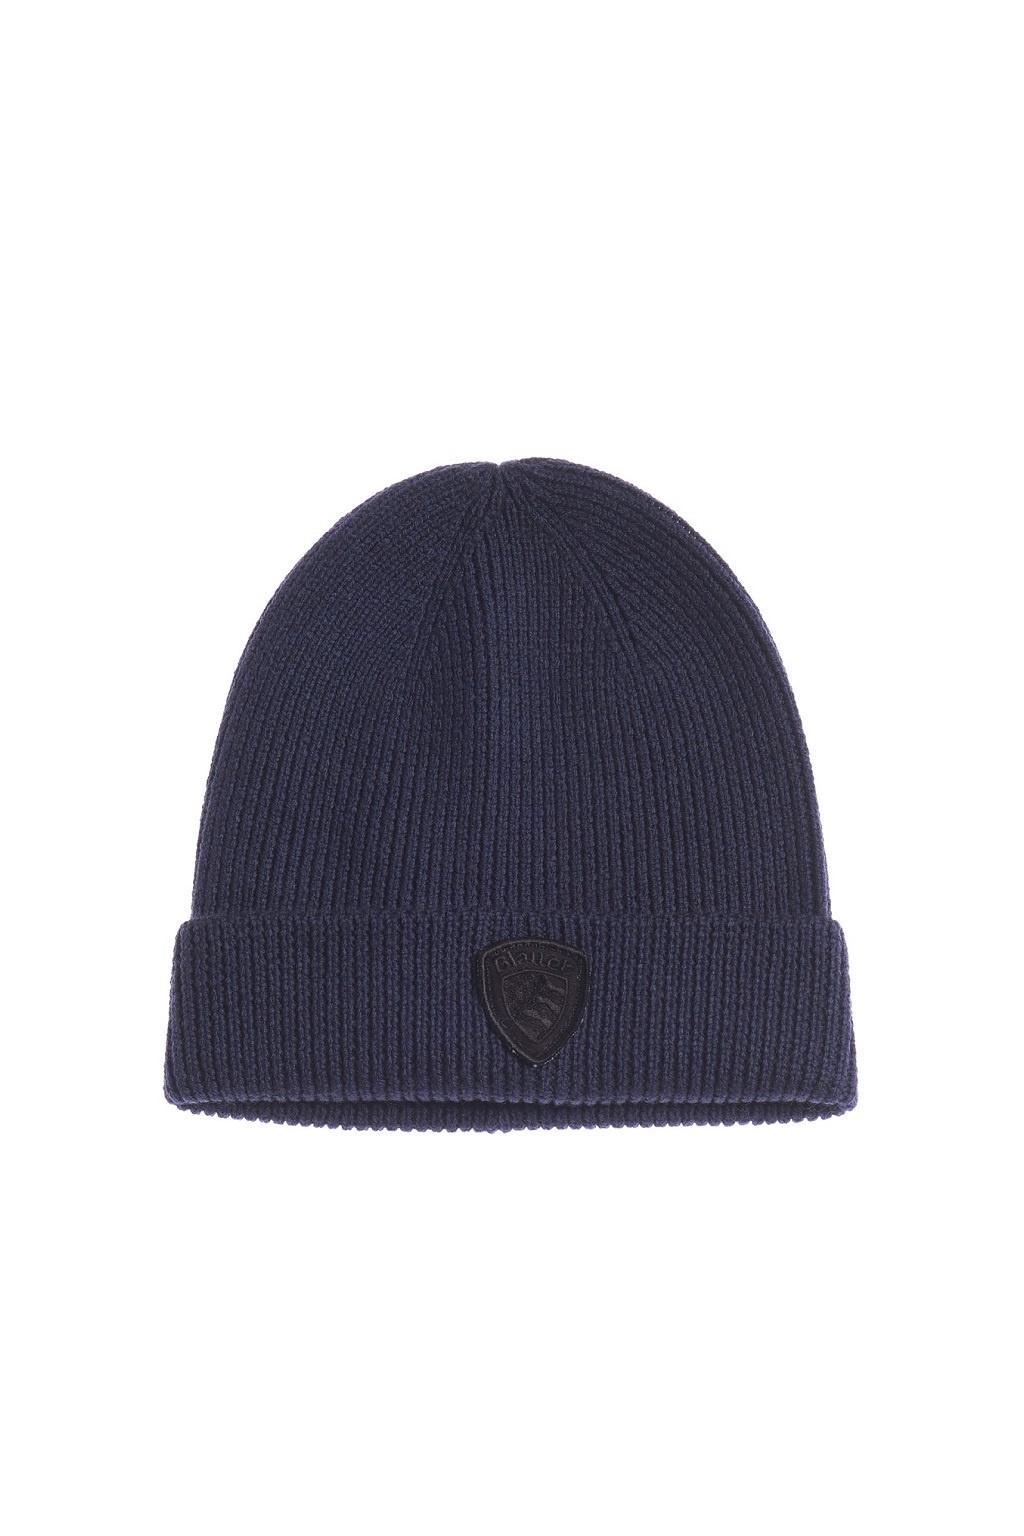 Pánská čepice Blauer 21WBLUA05148 modrá